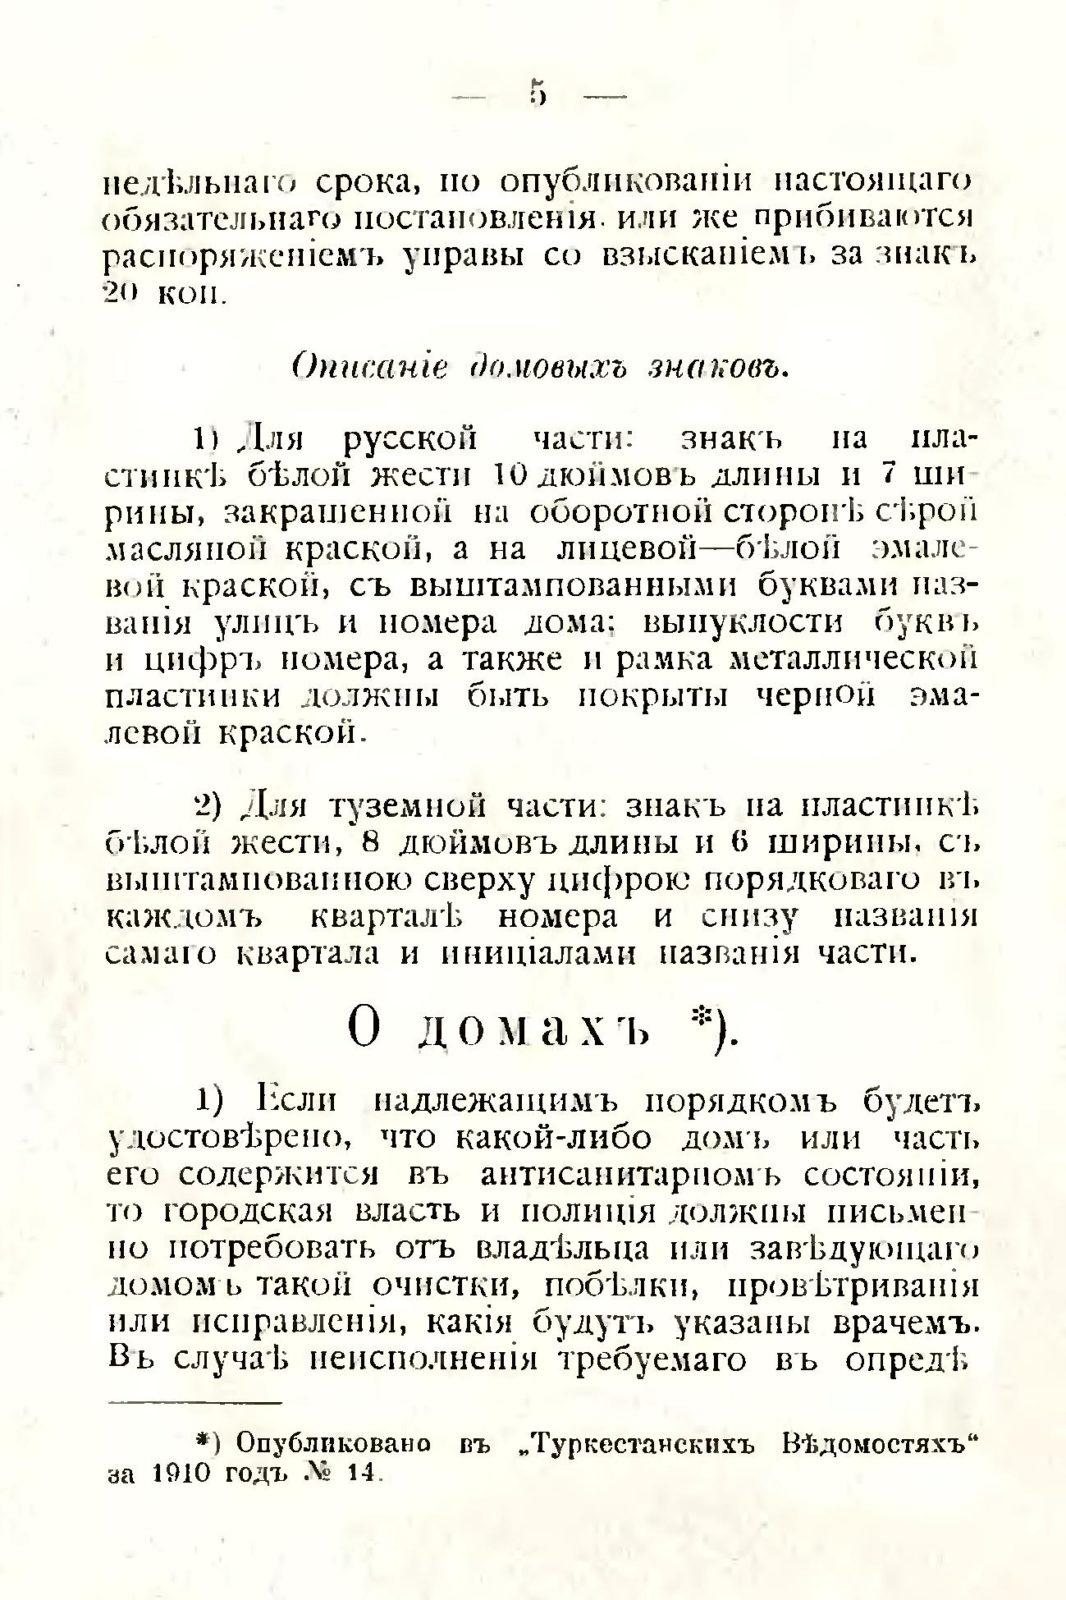 sbornik_obyazatelnyh_postanovlenii_tashkentskoi_gorodskoi_du_9